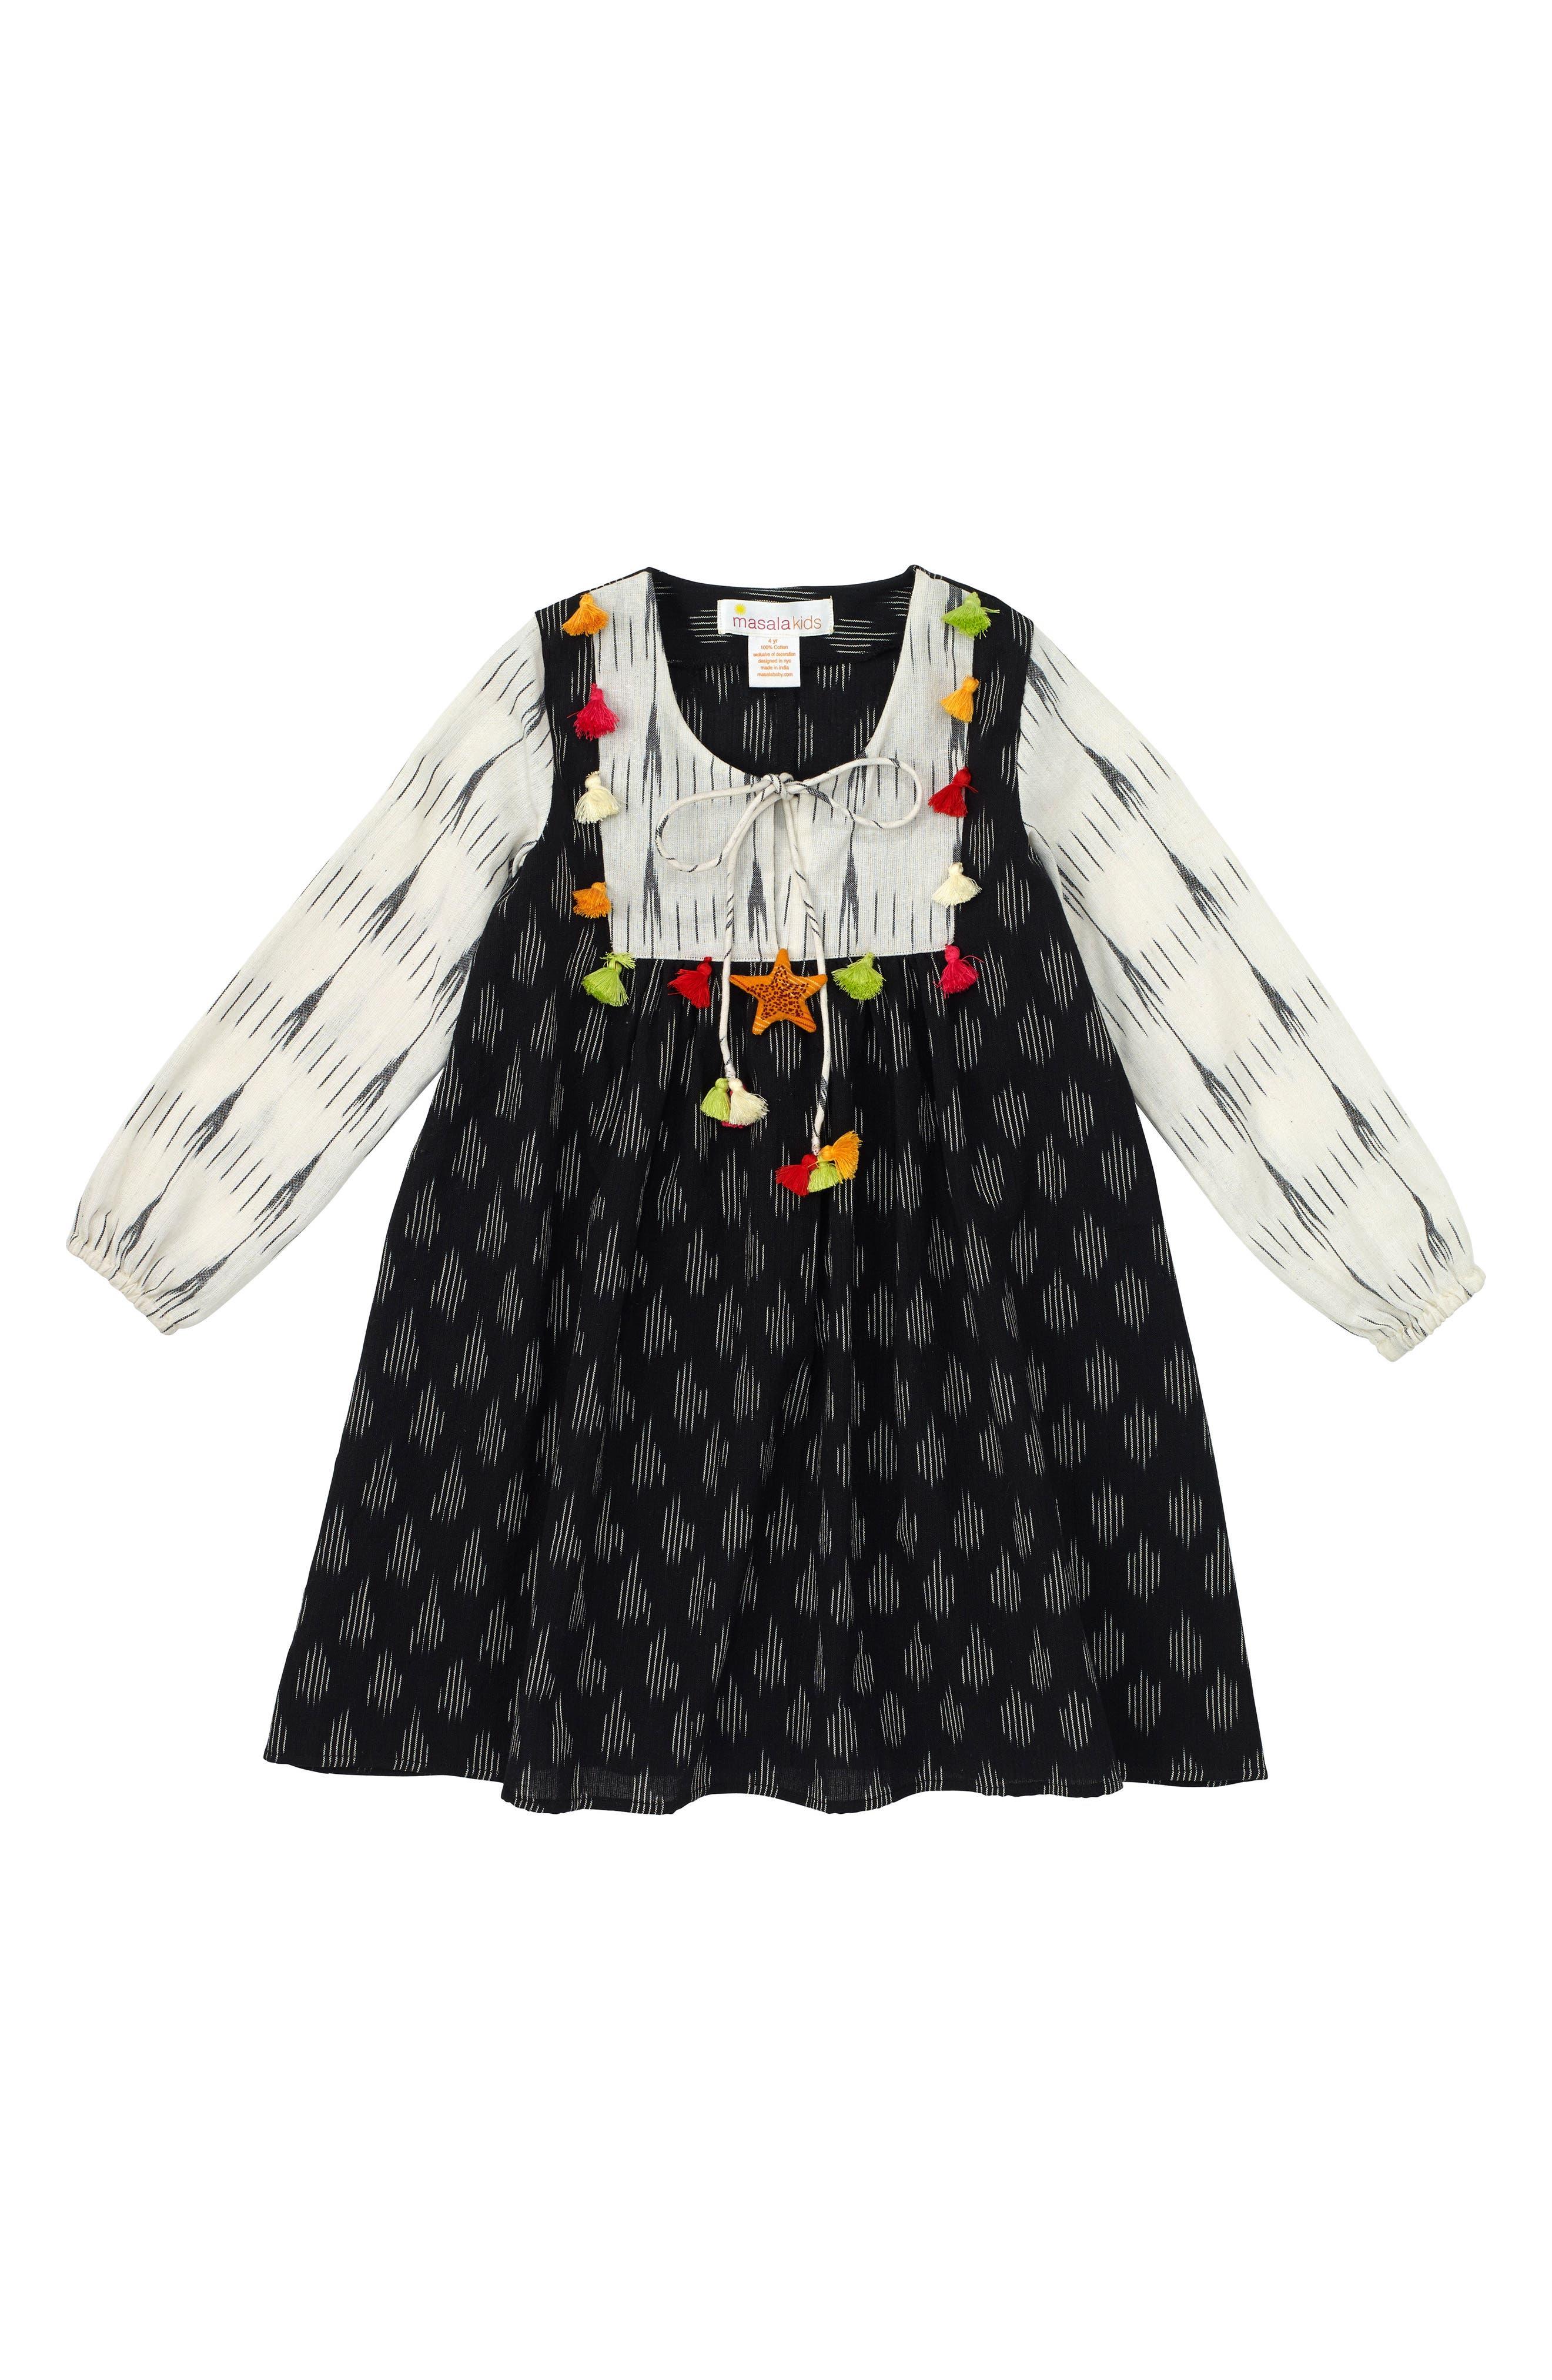 MASALABABY Mali Ikat Tunic Dress